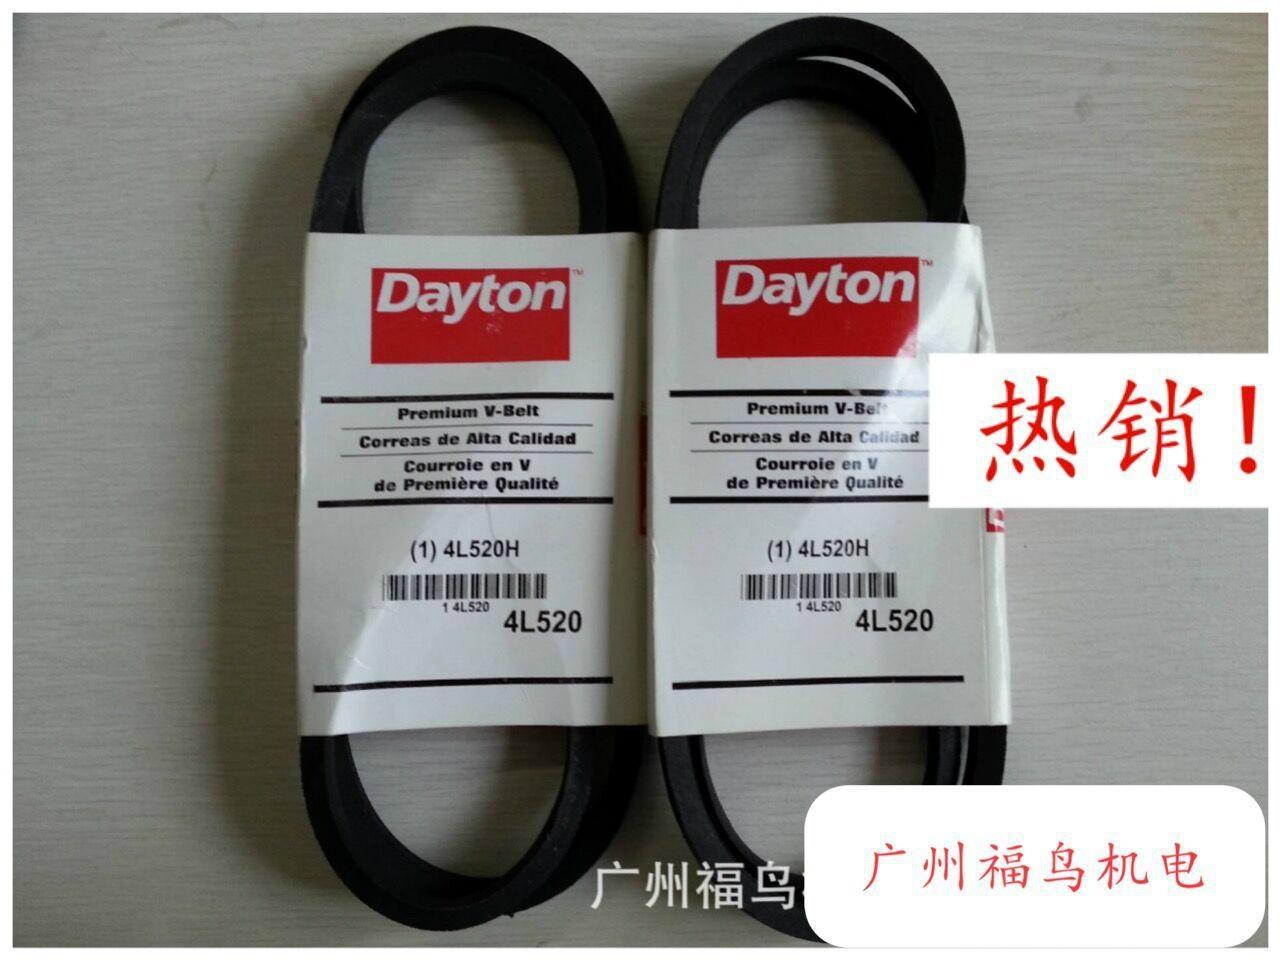 DAYTON皮带  型号: 4L520, 4L520H